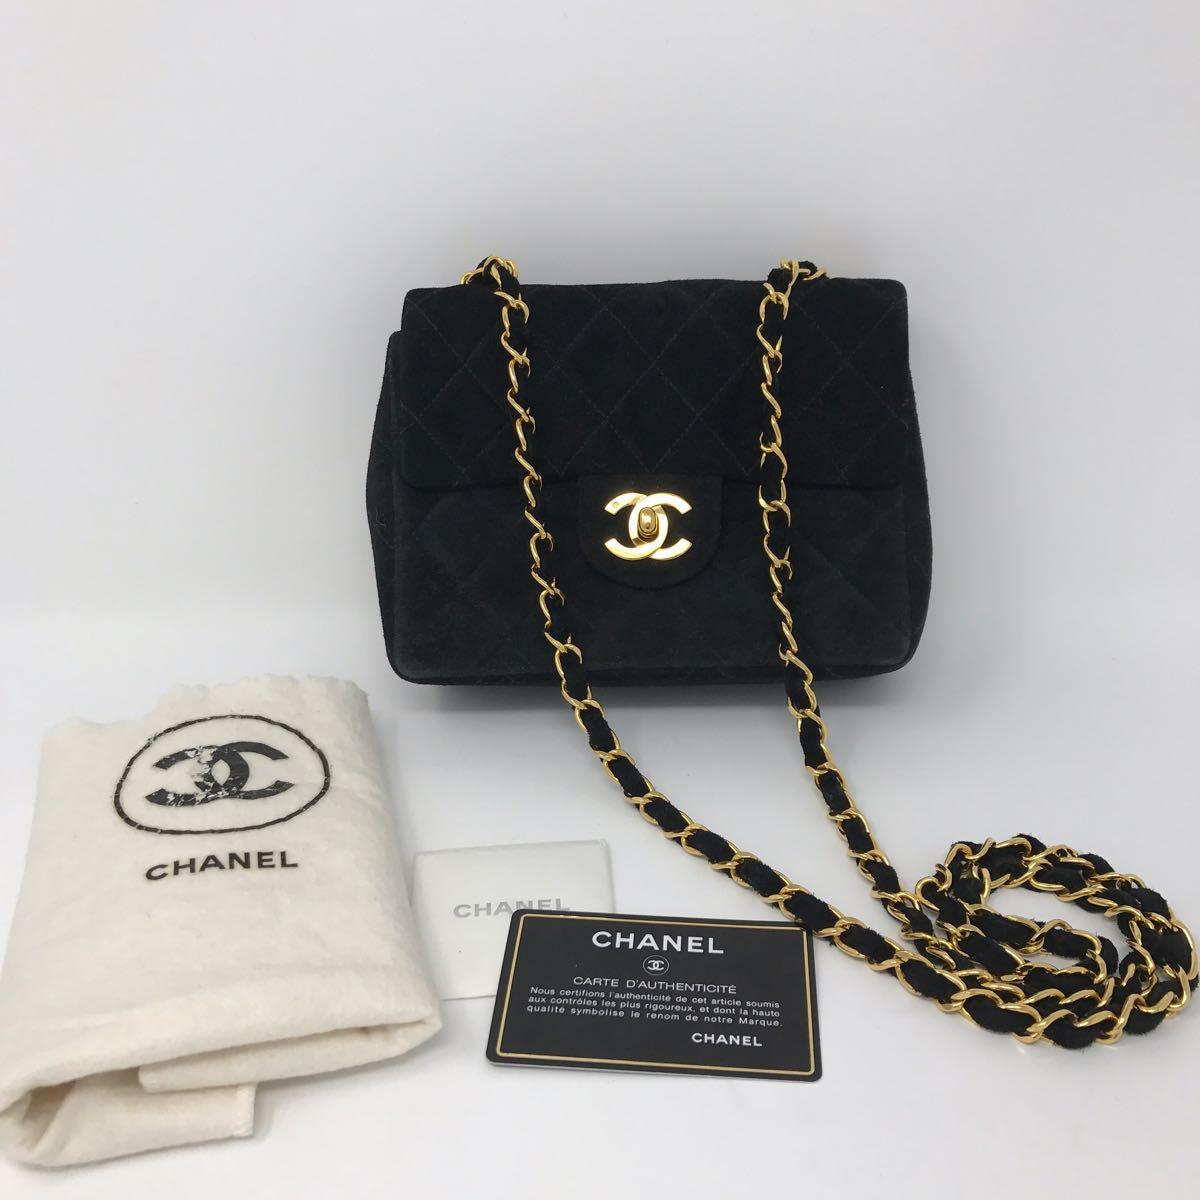 e13be8b28b9b 良品 CHANEL シャネル ミニマトラッセ チェーンショルダーバッグ バッグ 鞄 ブラ